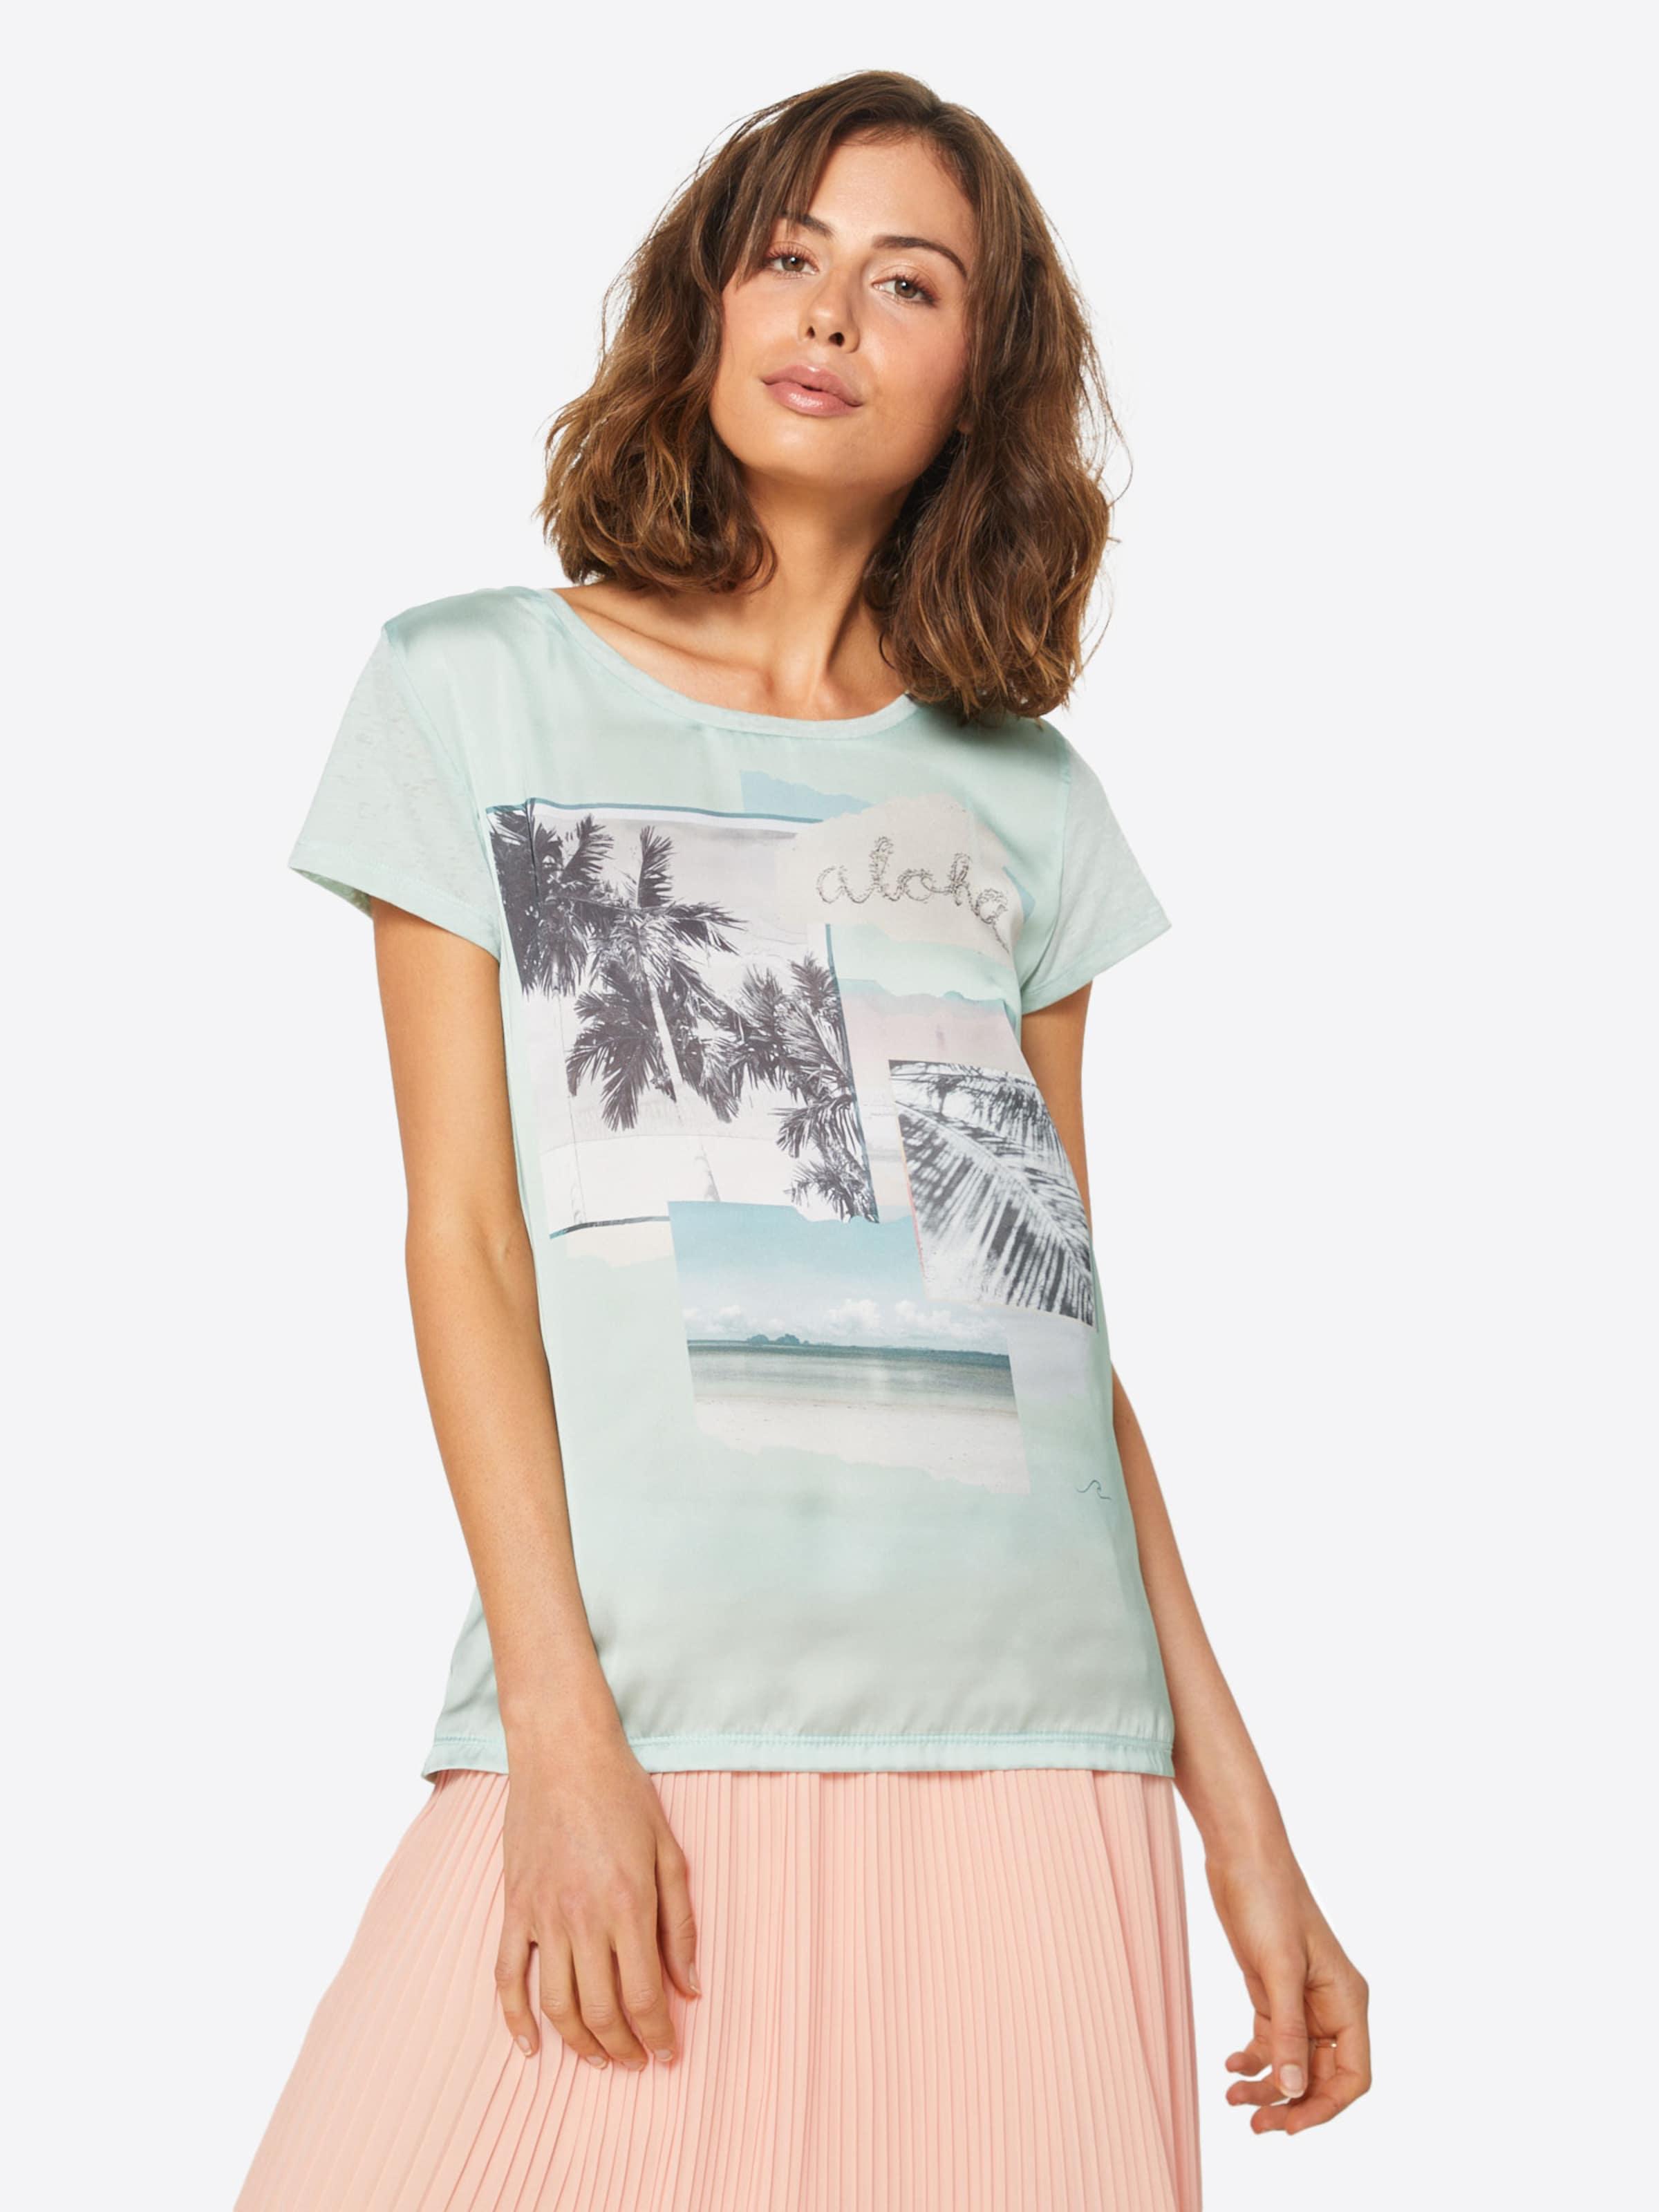 Catwalk In shirt Junkie T Bay' 'summer Mint vmN80nw